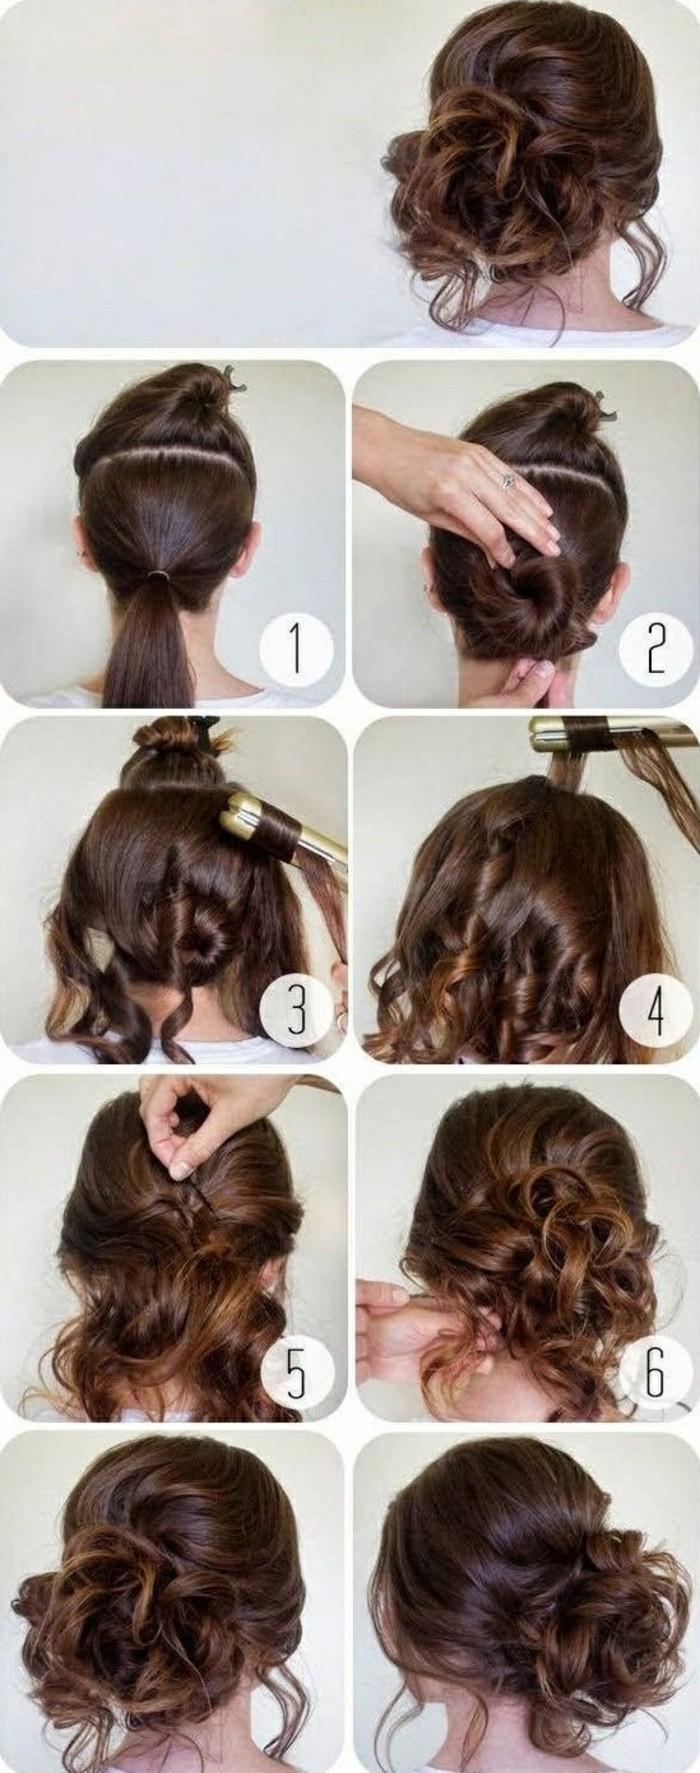 Acconciature capelli raccolti per cerimonia, capelli colore castano, chioma con ricci